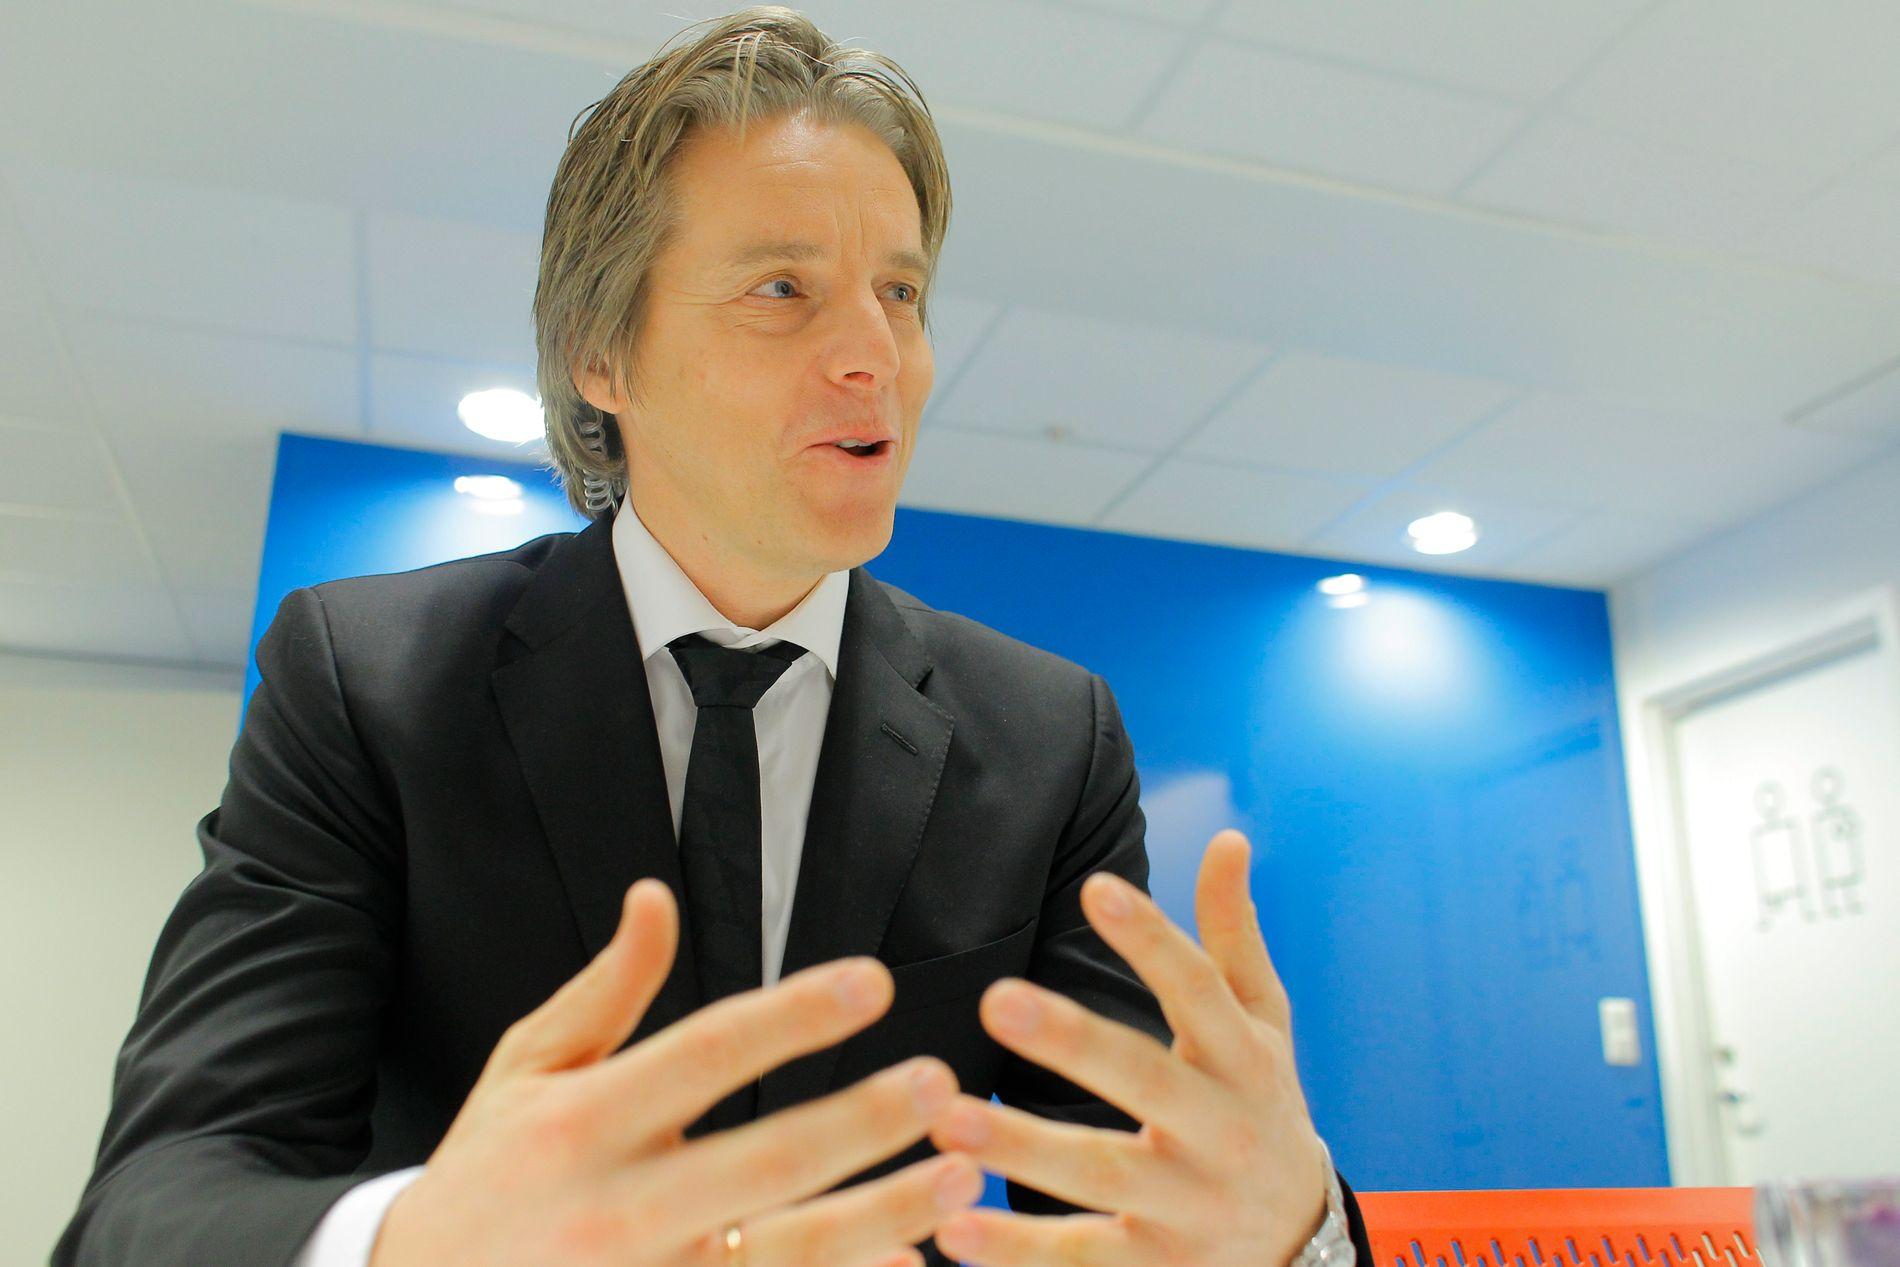 NETTVERKSBYGGER: Jan Åge Fjørtoft ble hyret inn av NIF blant annet for sine mange kontakter.